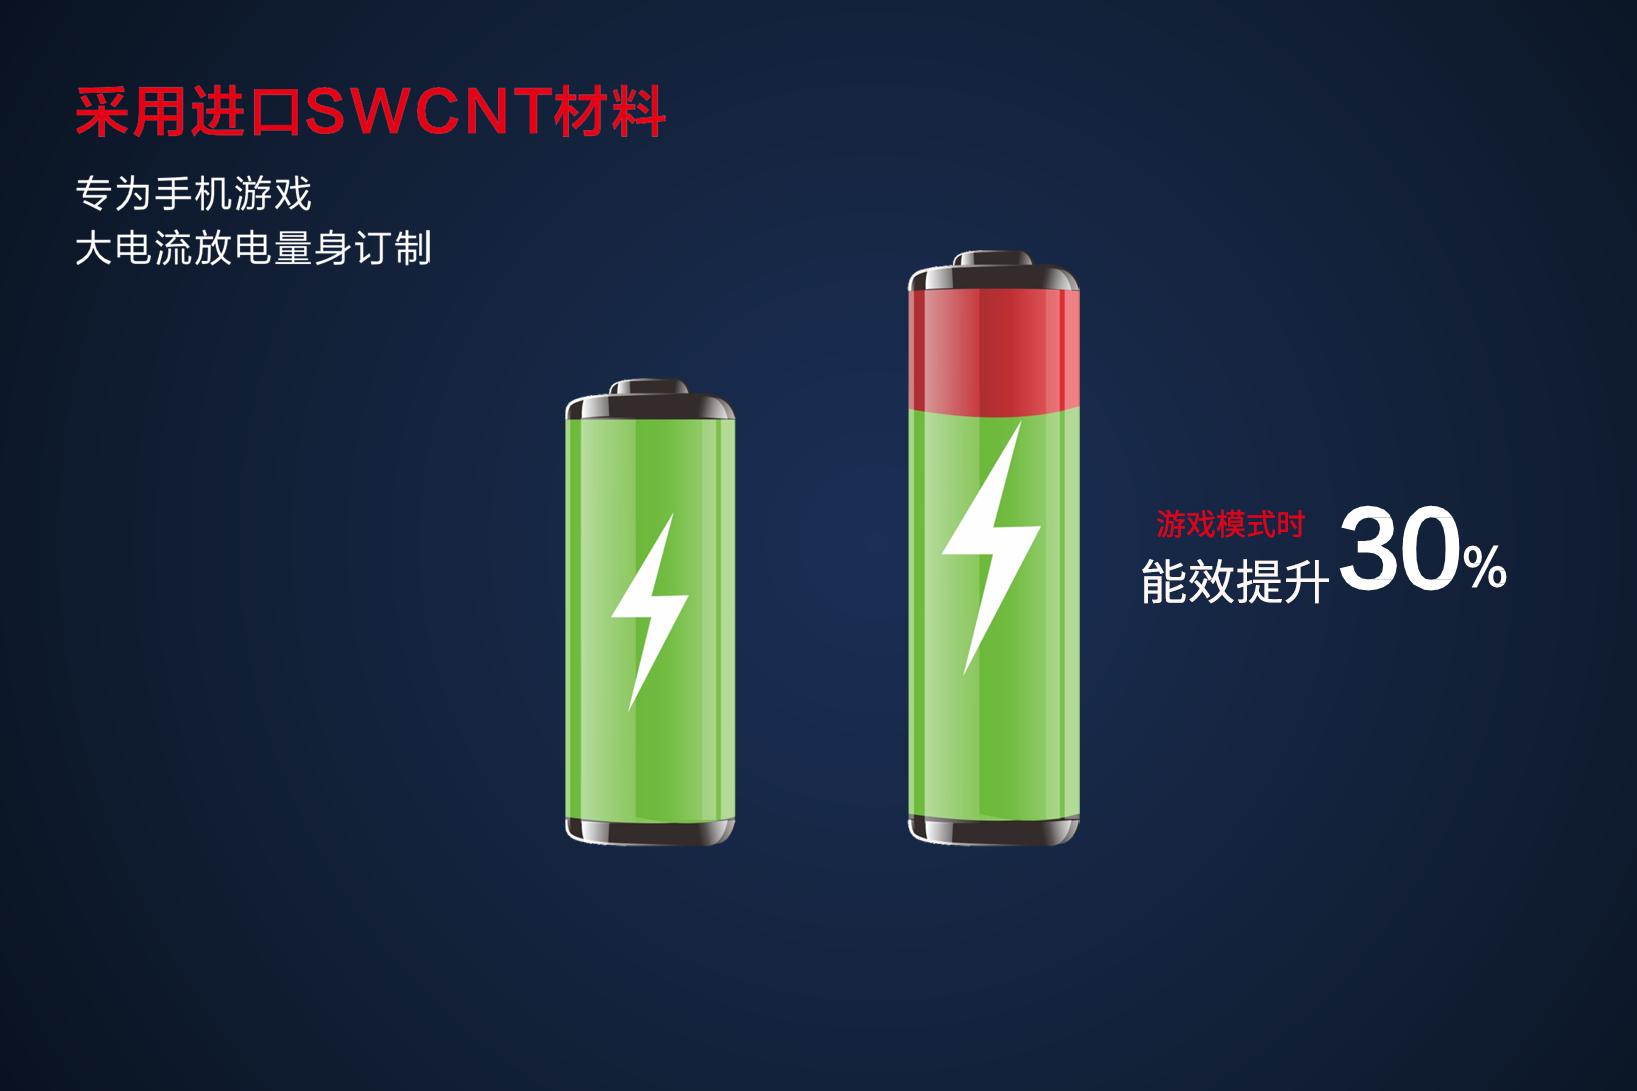 重磅官宣!沃品推出行业首款手游专用电池-火狐 业内 第5张